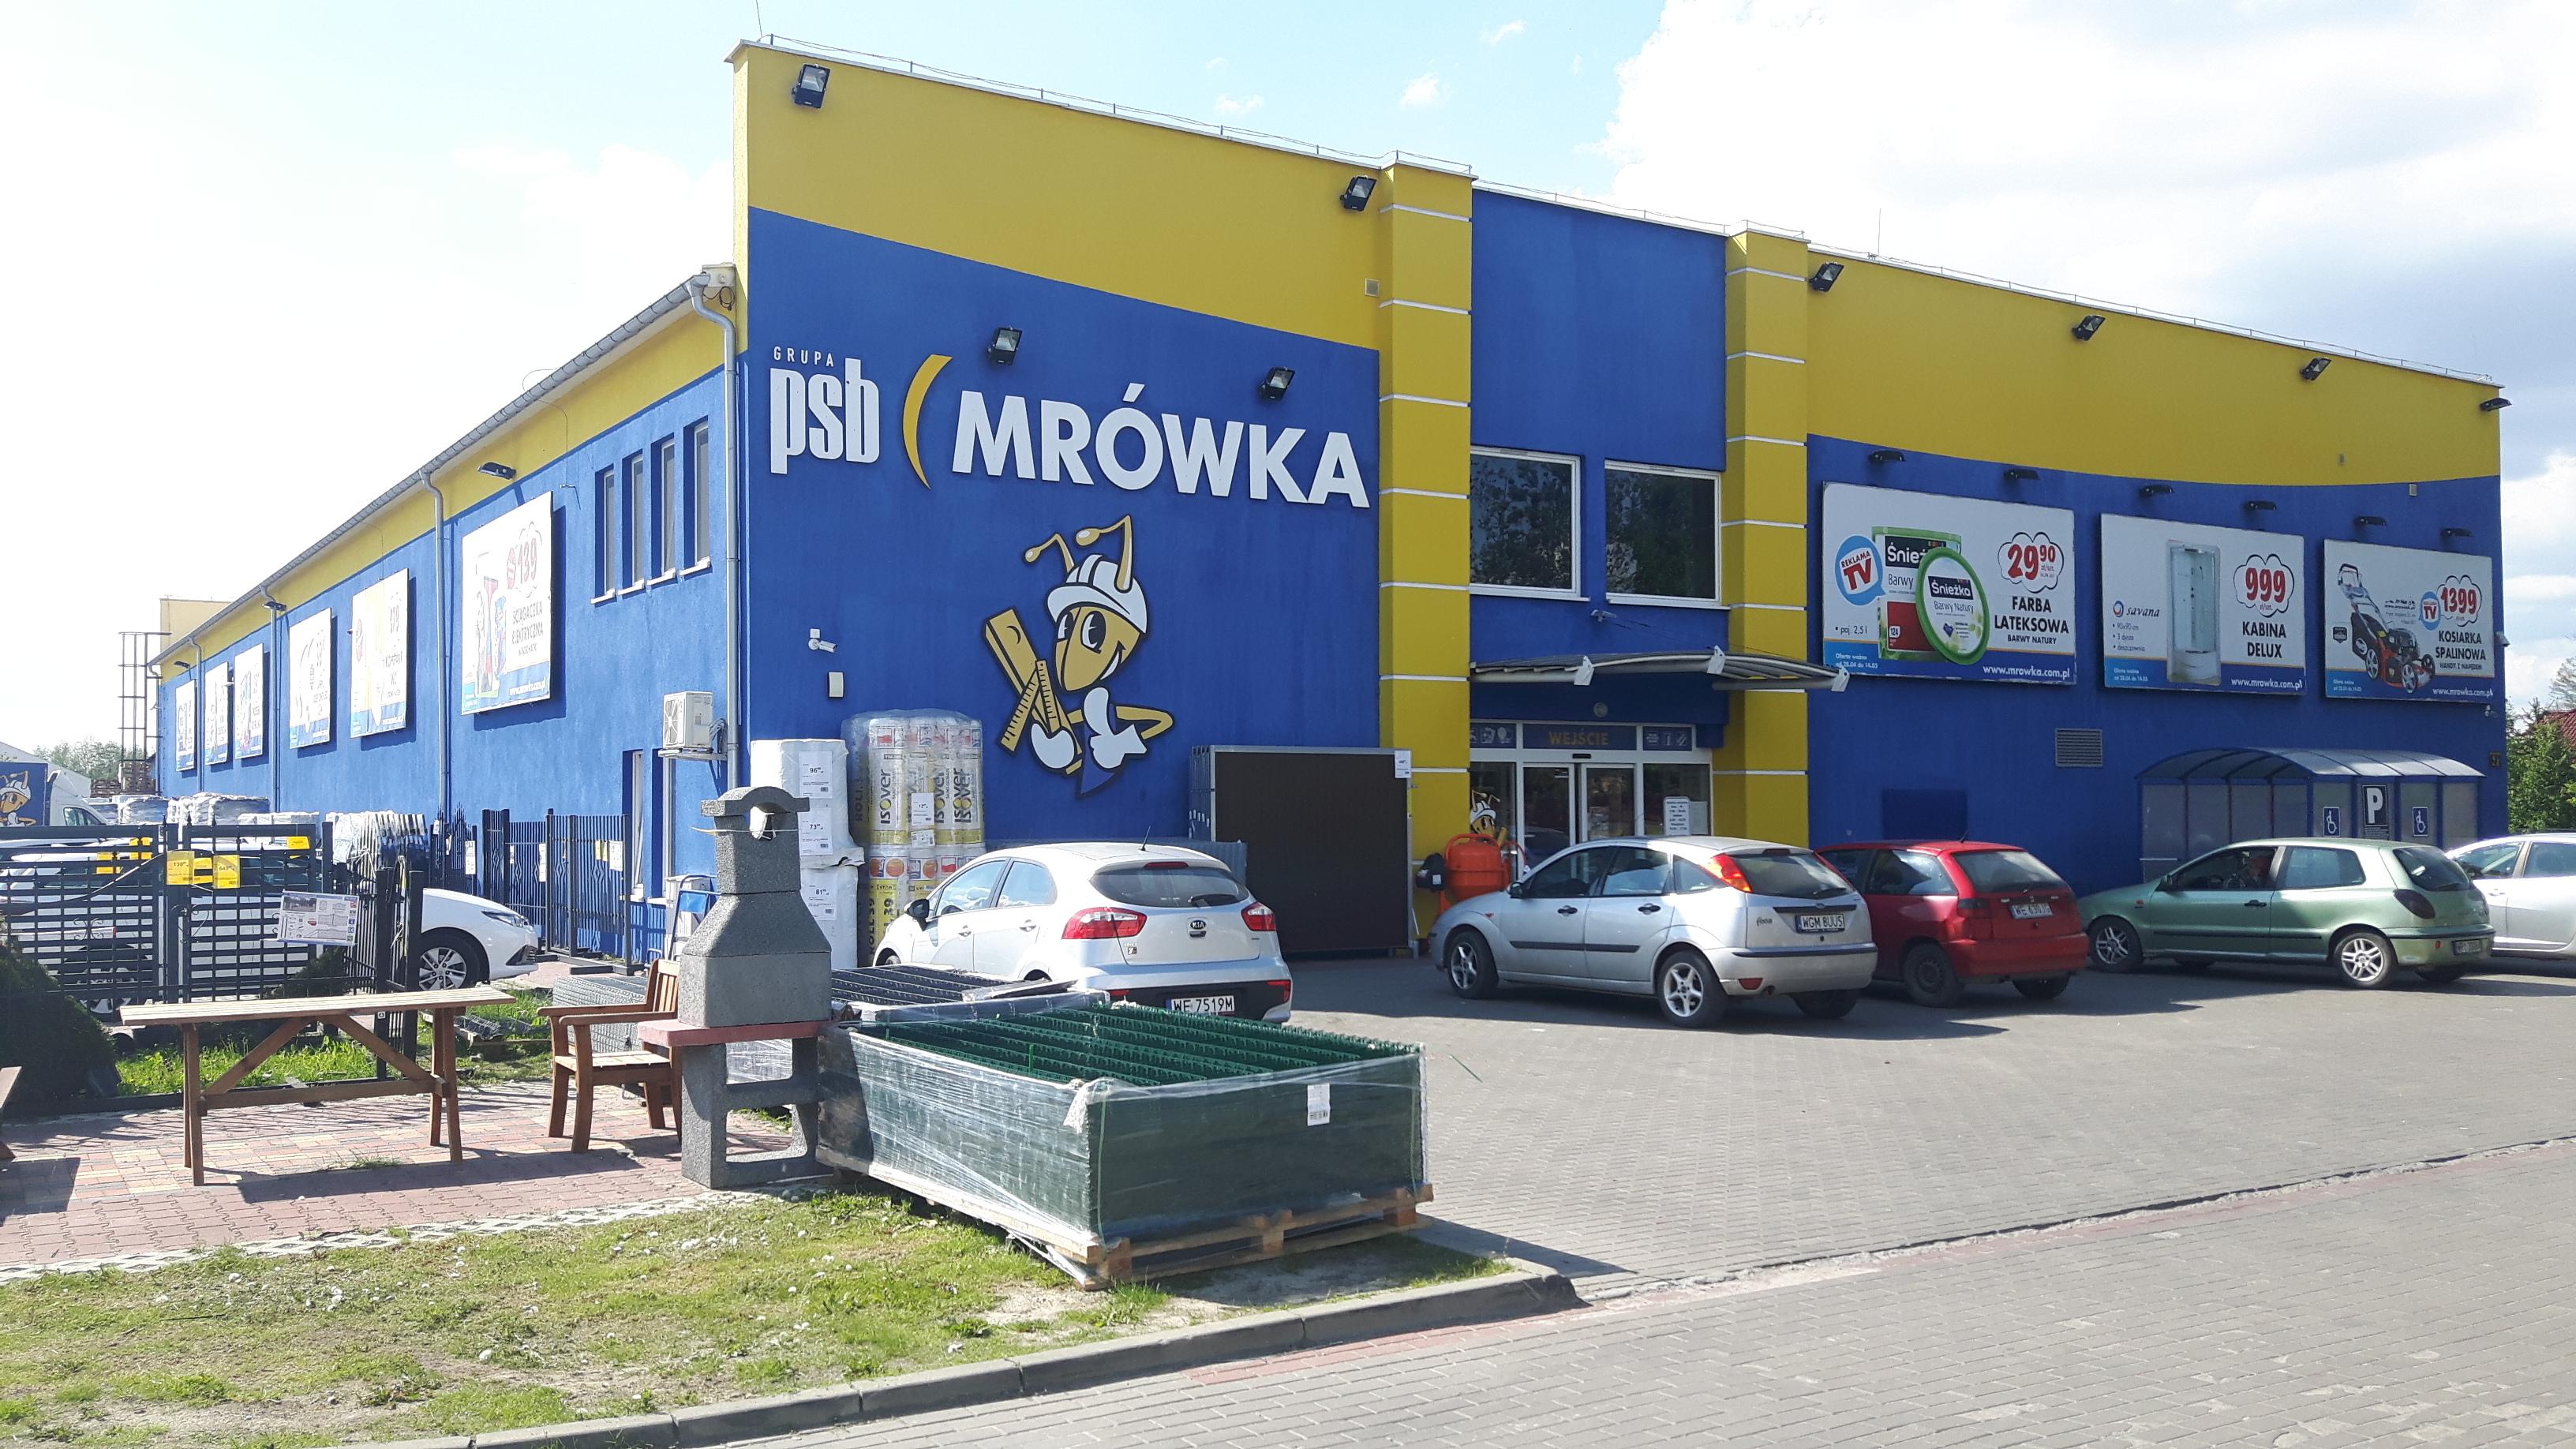 Psb Mrowka Grodzisk Mazowiecki Mazowieckie